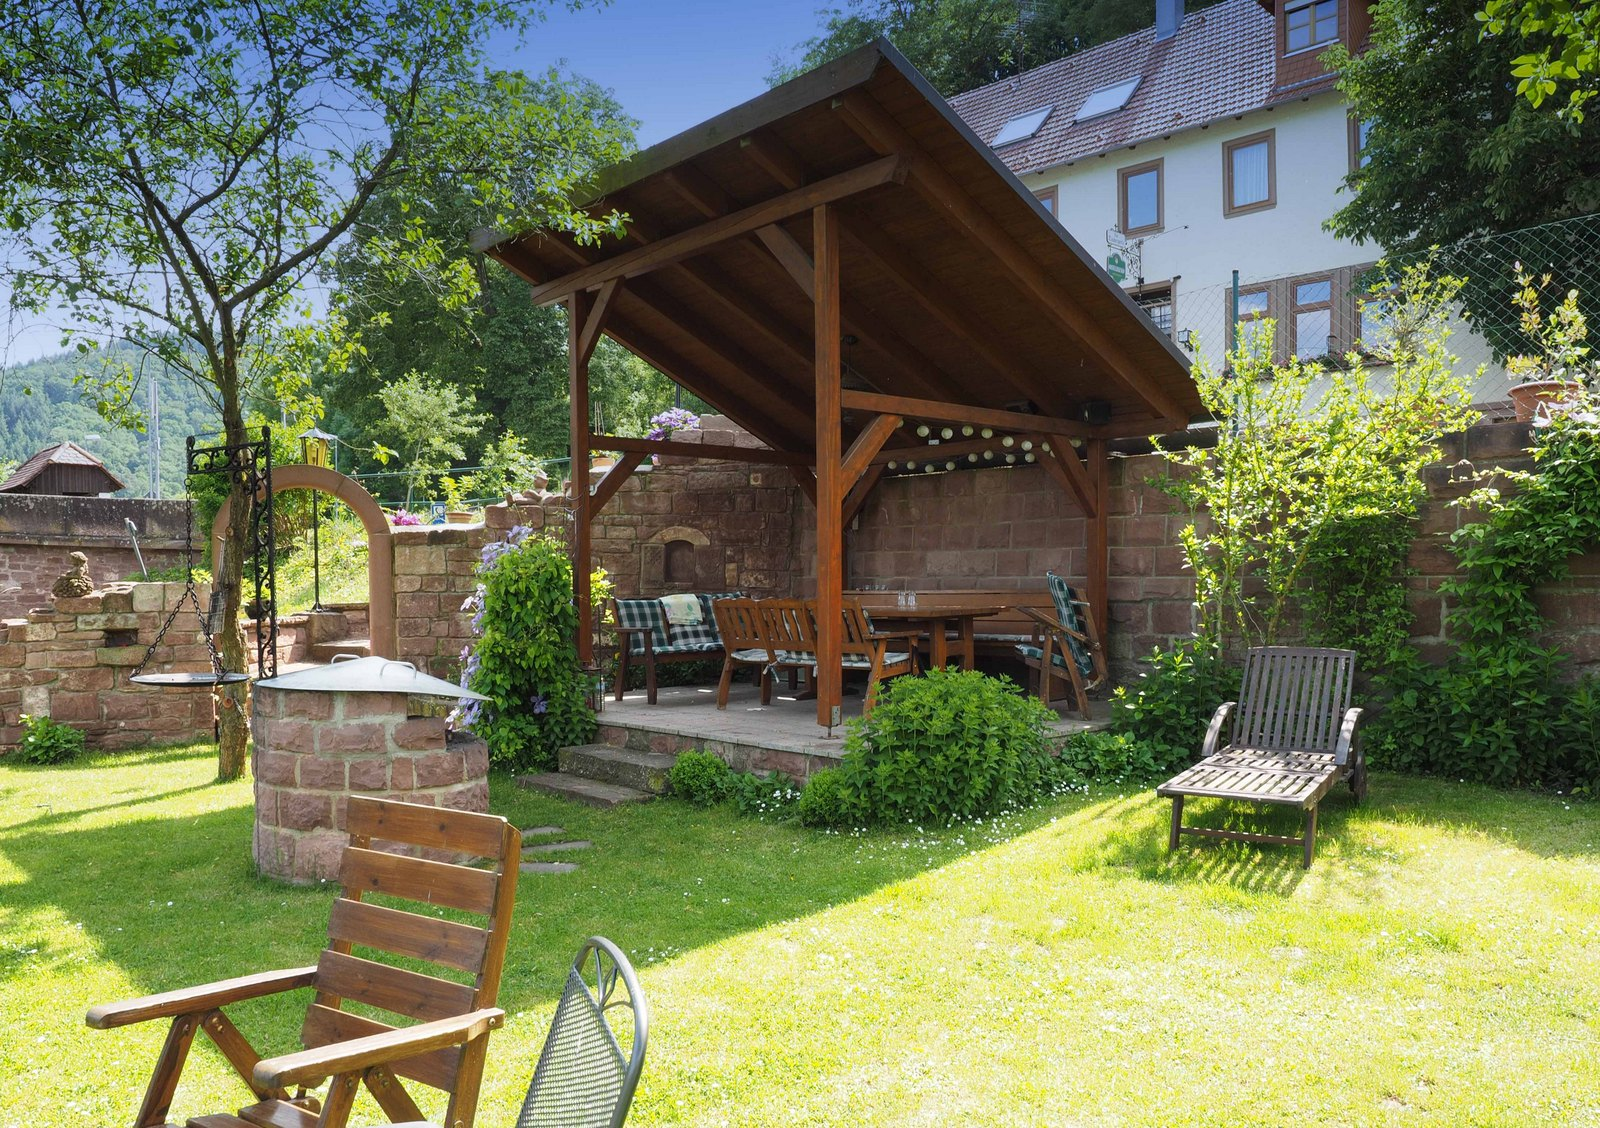 Ferienwohnung Gästehaus Martin (Werbach-Gamburg). Appartement (2661051), Werbach, Taubertal, Baden-Württemberg, Deutschland, Bild 3